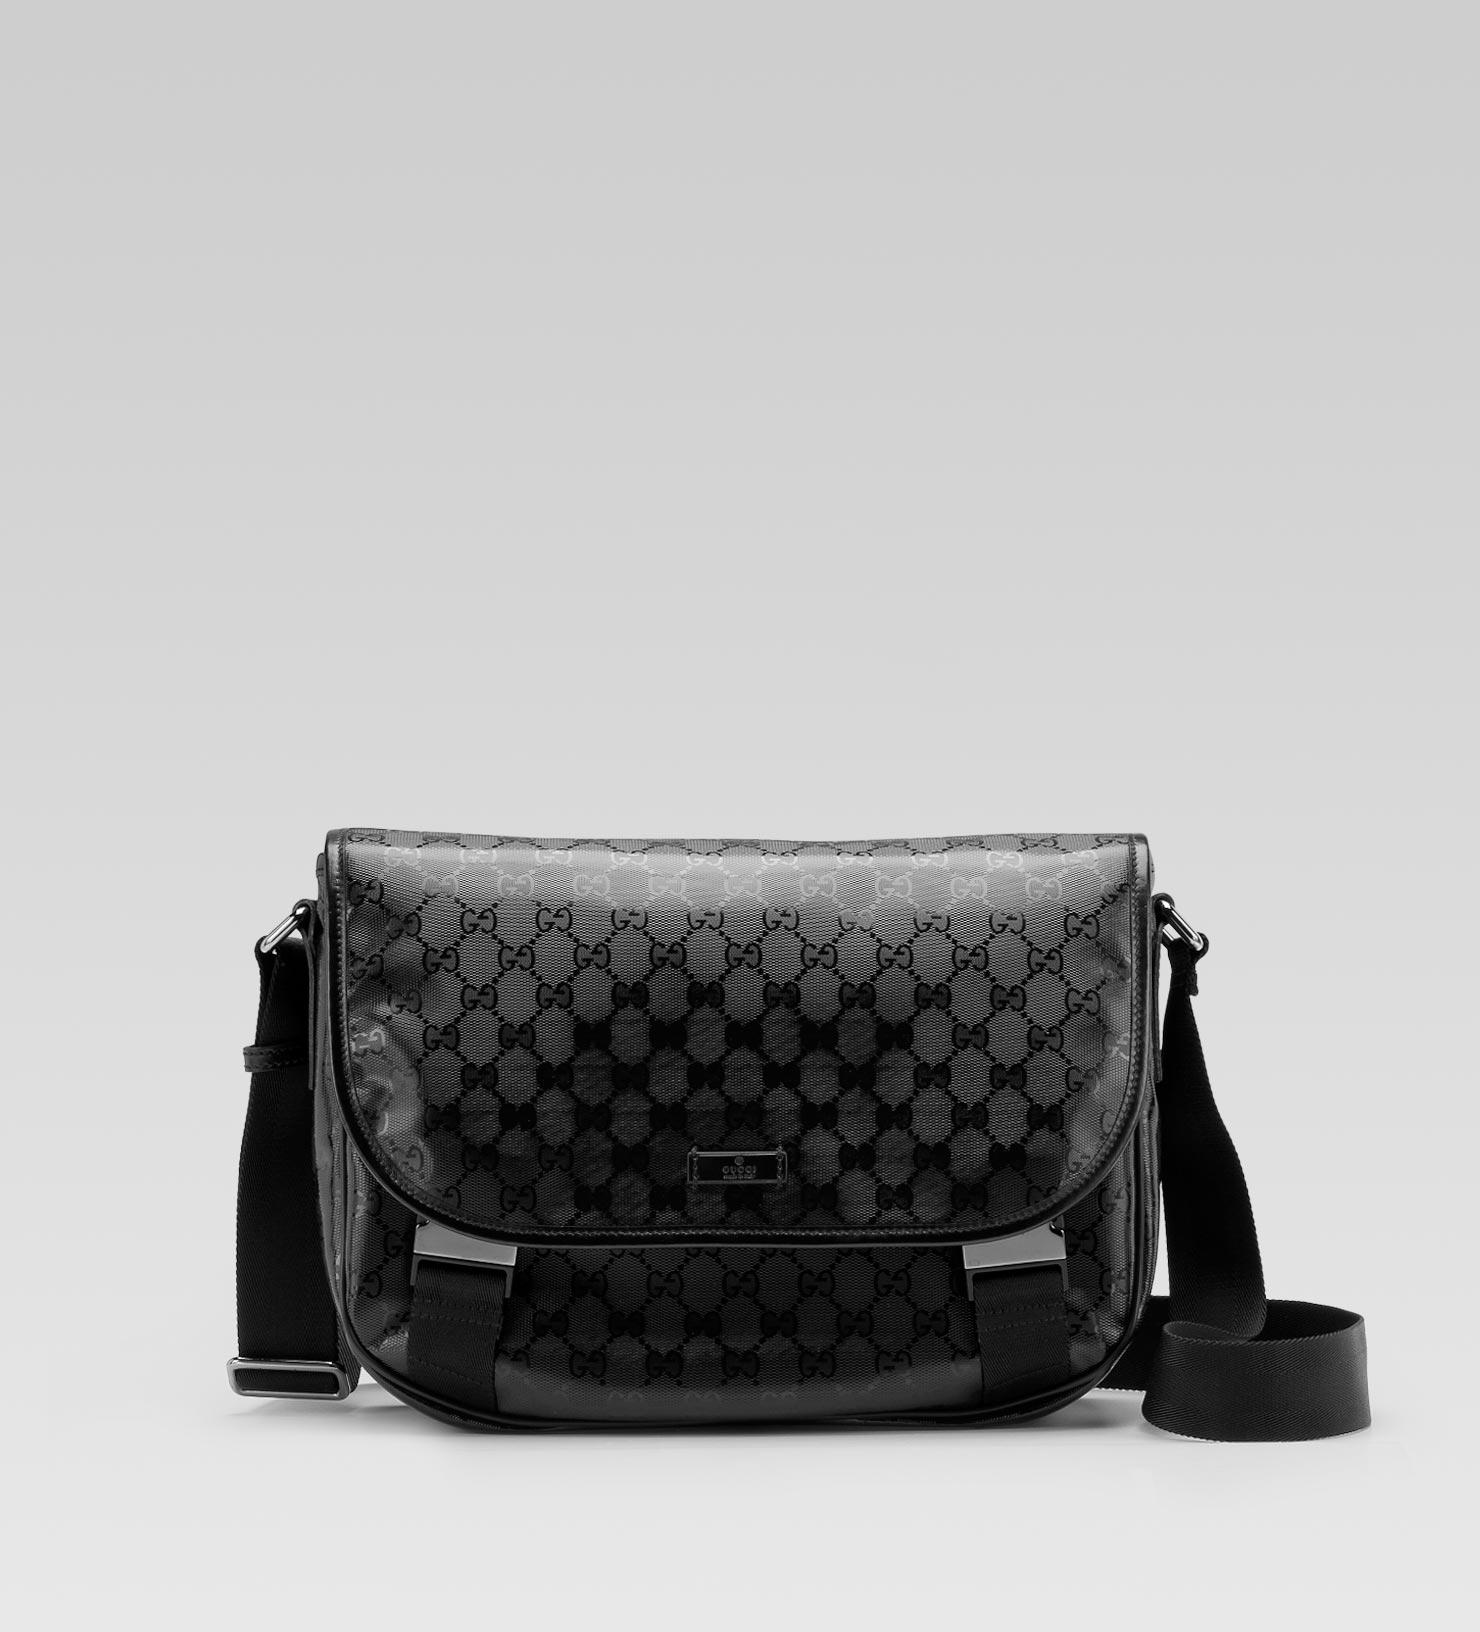 gucci gg imprime medium messenger bag in black for men lyst. Black Bedroom Furniture Sets. Home Design Ideas